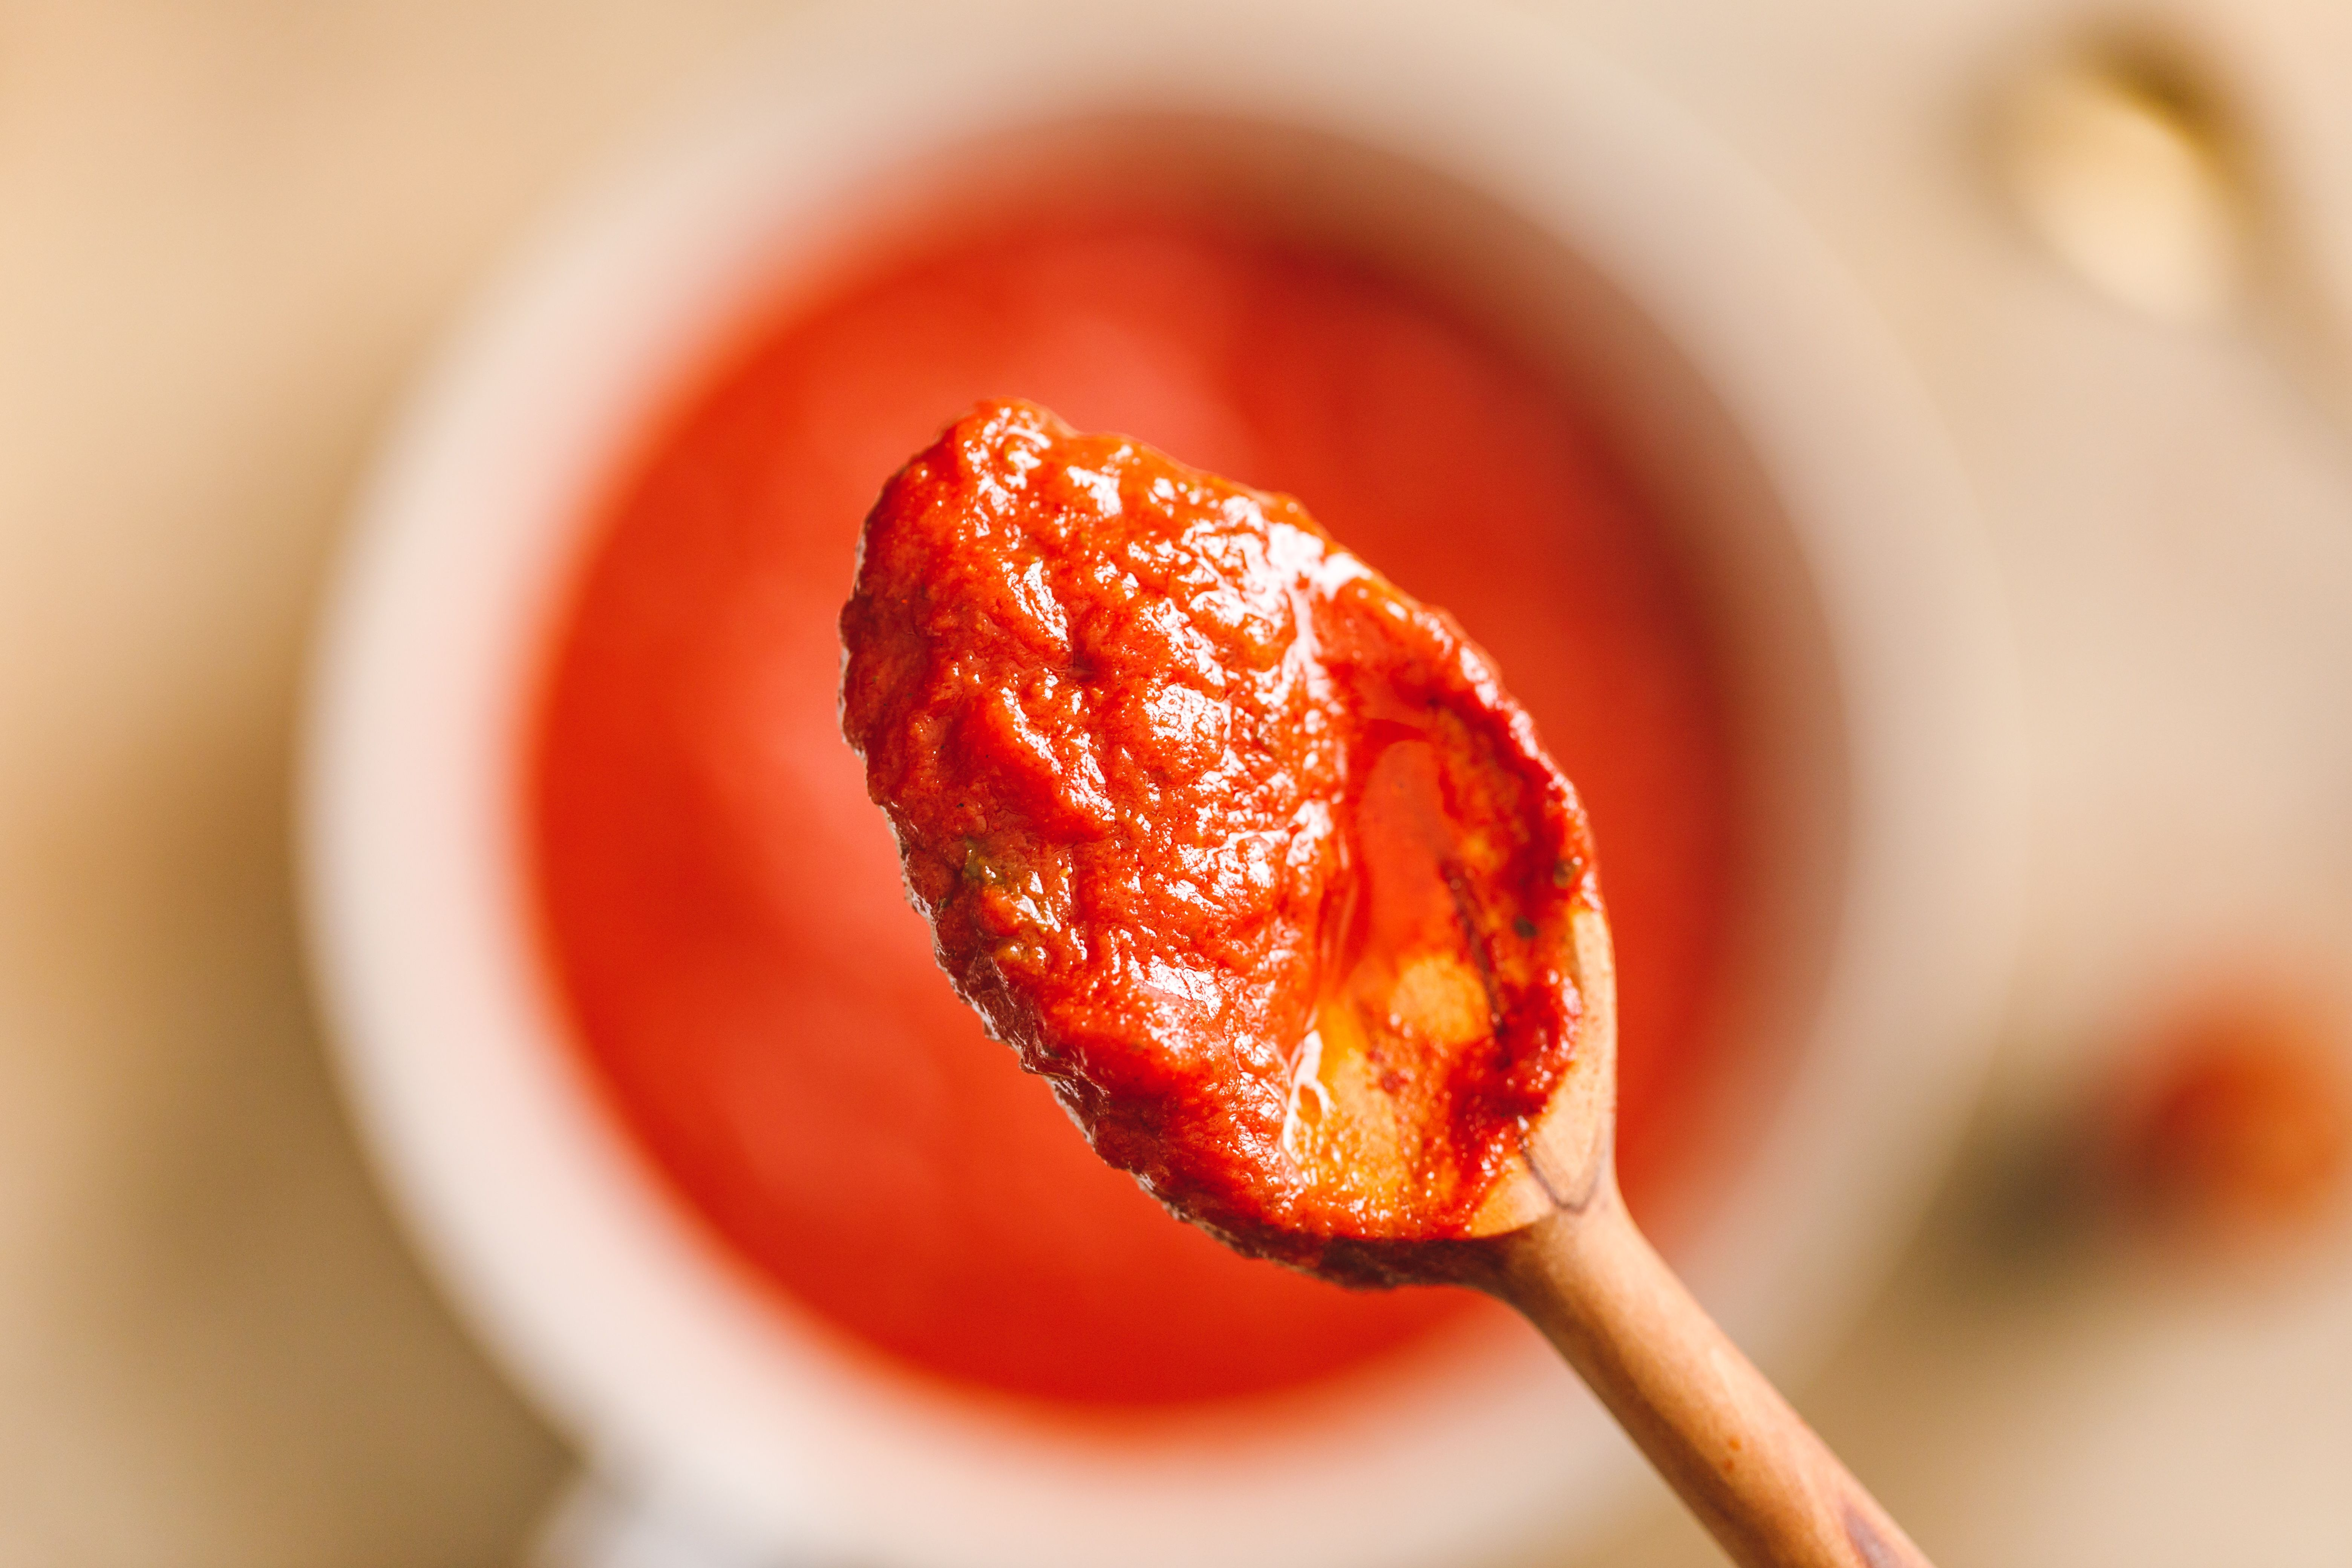 Sauce on spoon